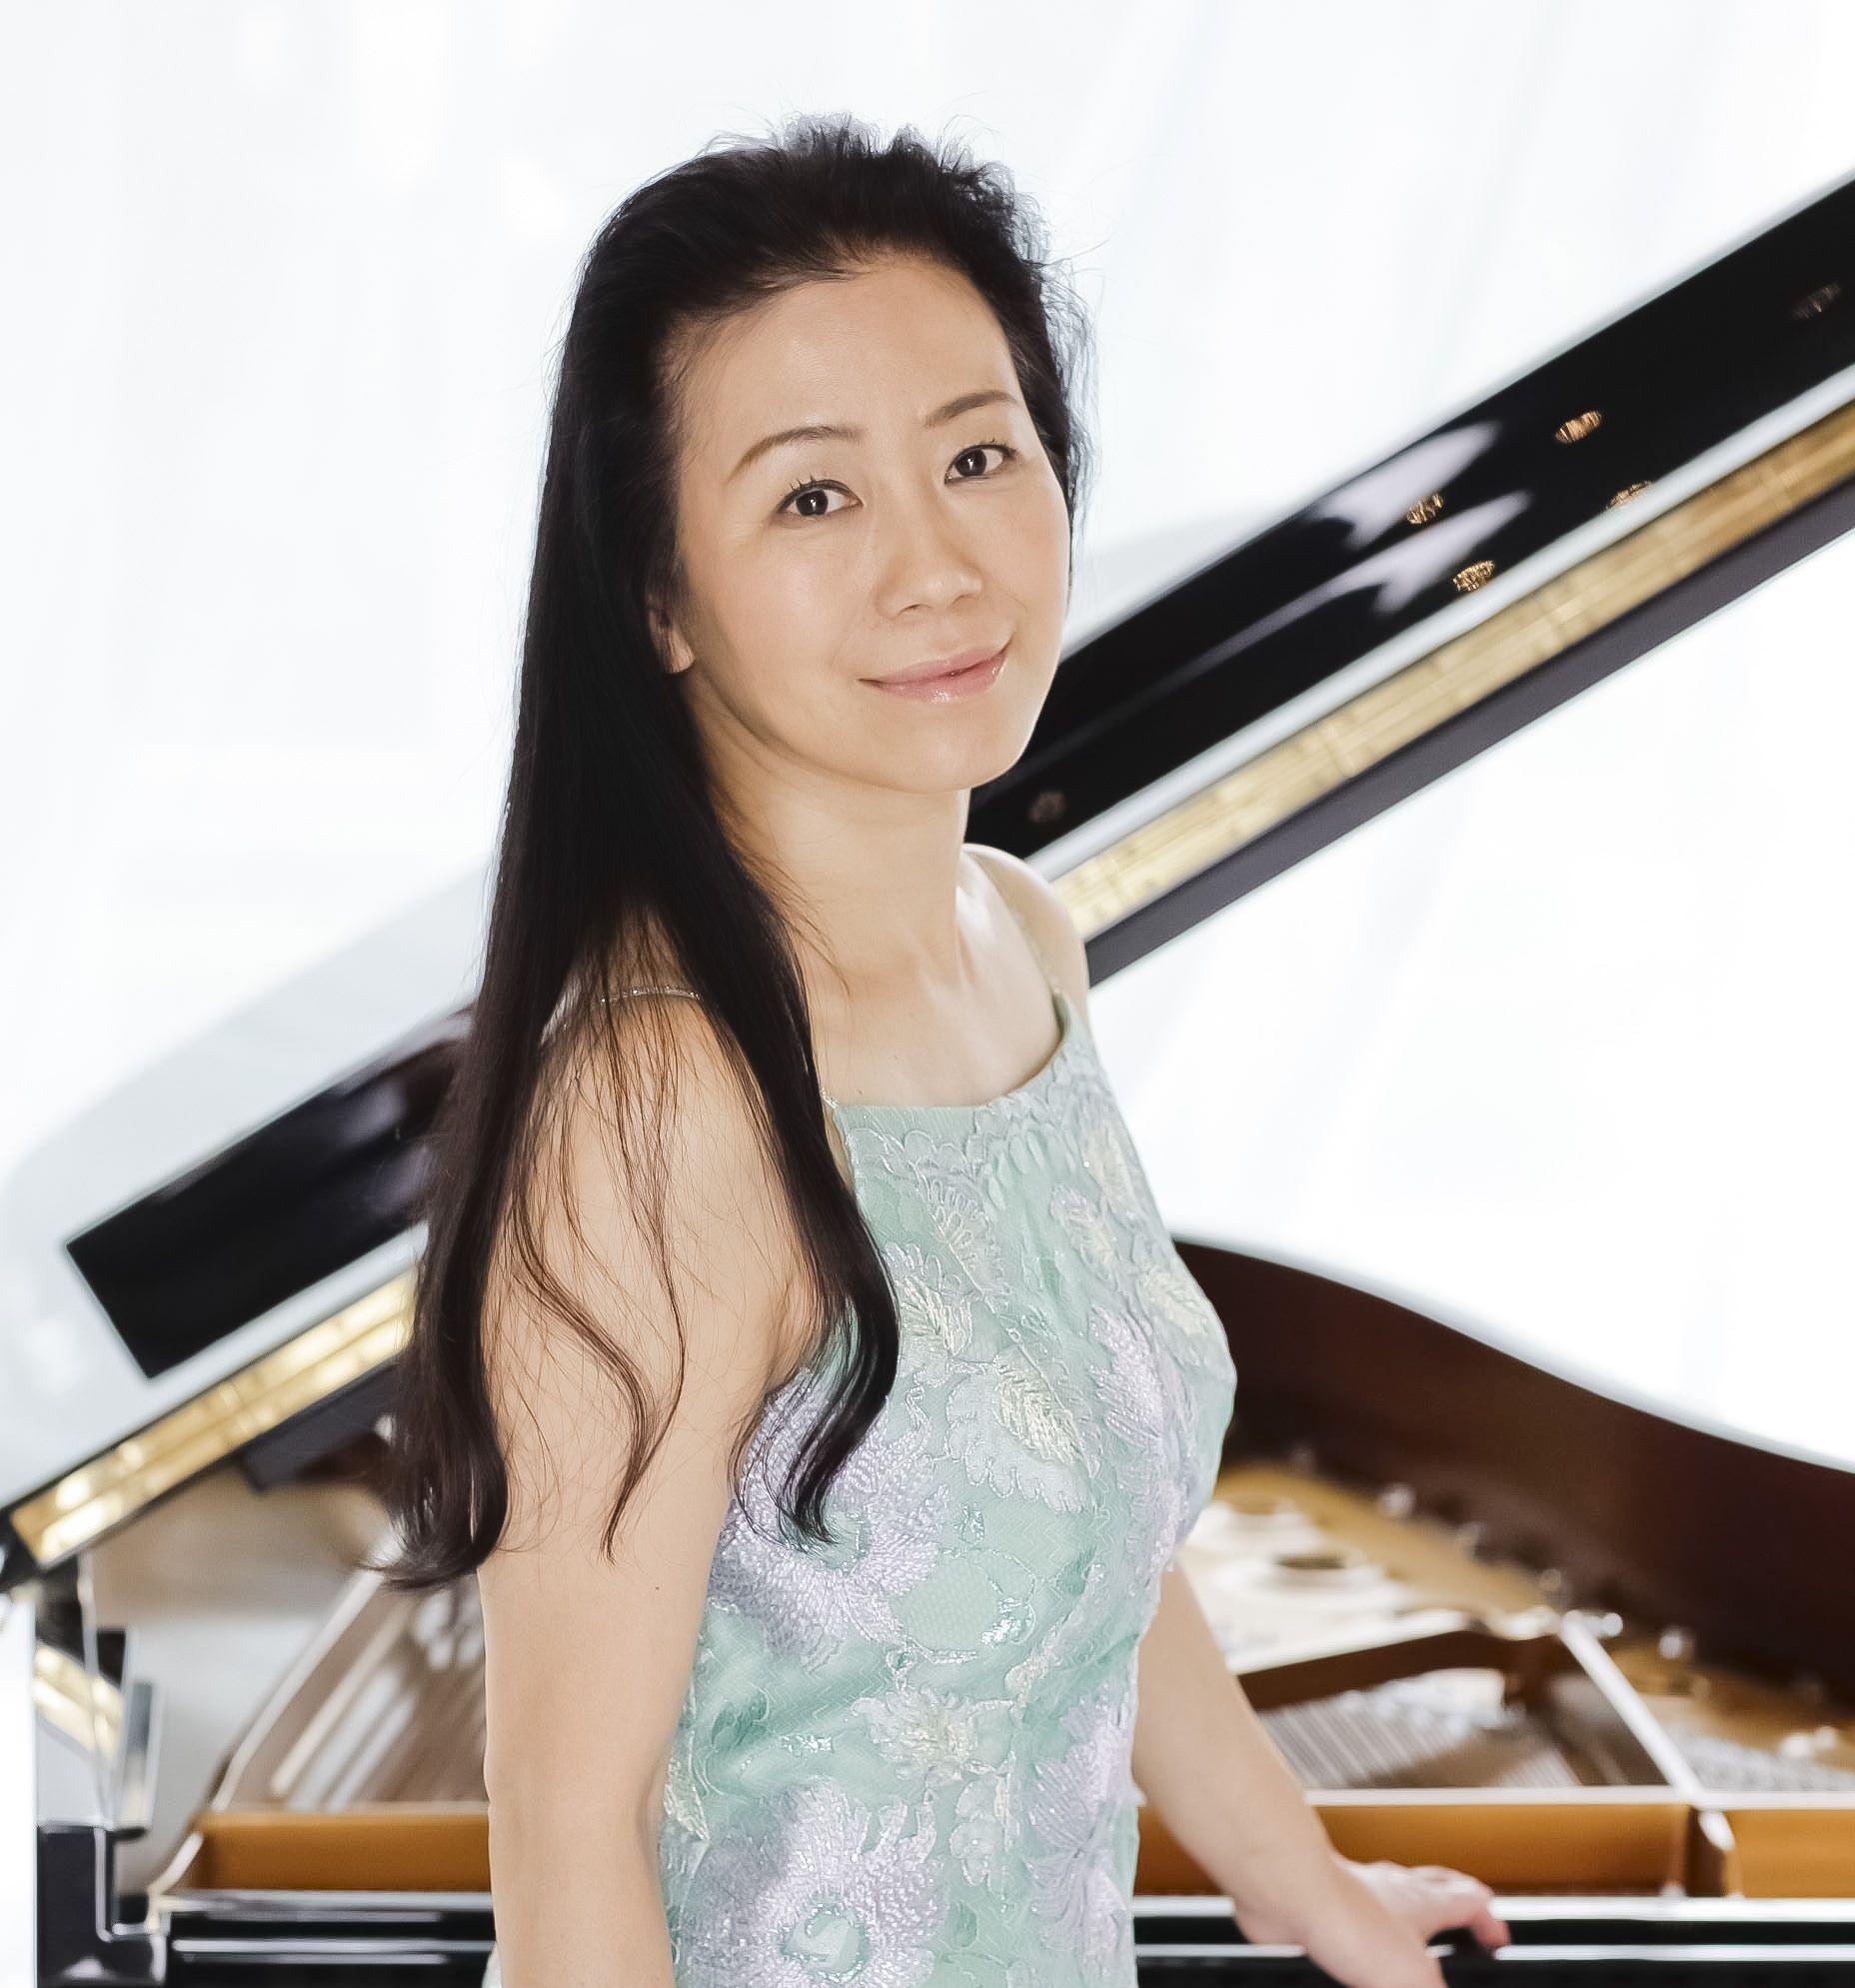 ピアニストの小山実稚恵さん ©Wataru Nishida